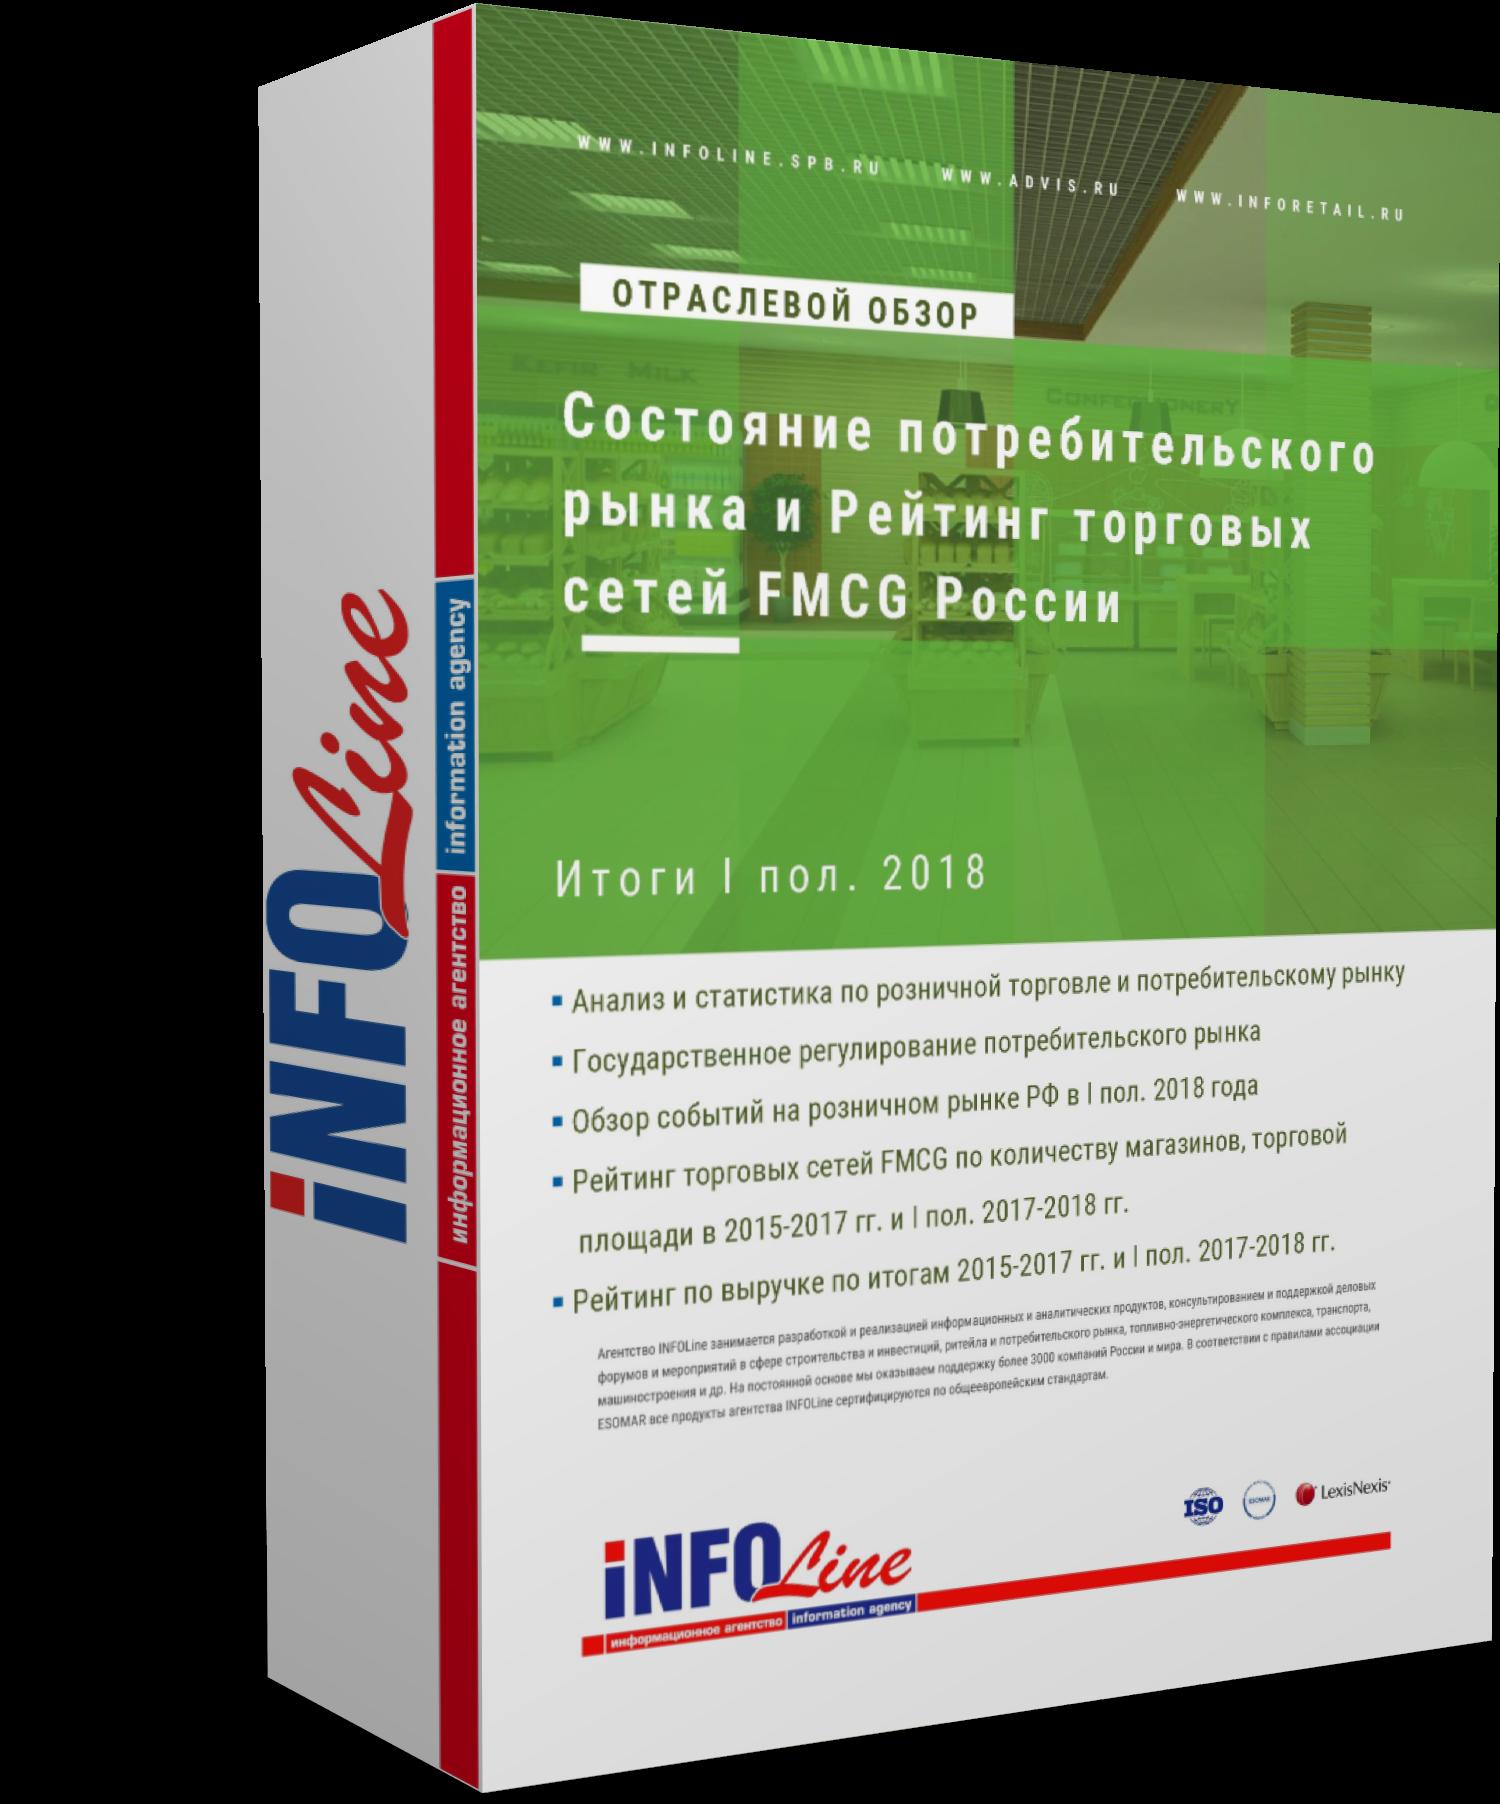 Состояние потребительского рынка  России и Рейтинг торговых сетей FMCG РФ: Итоги I пол. 2018 года